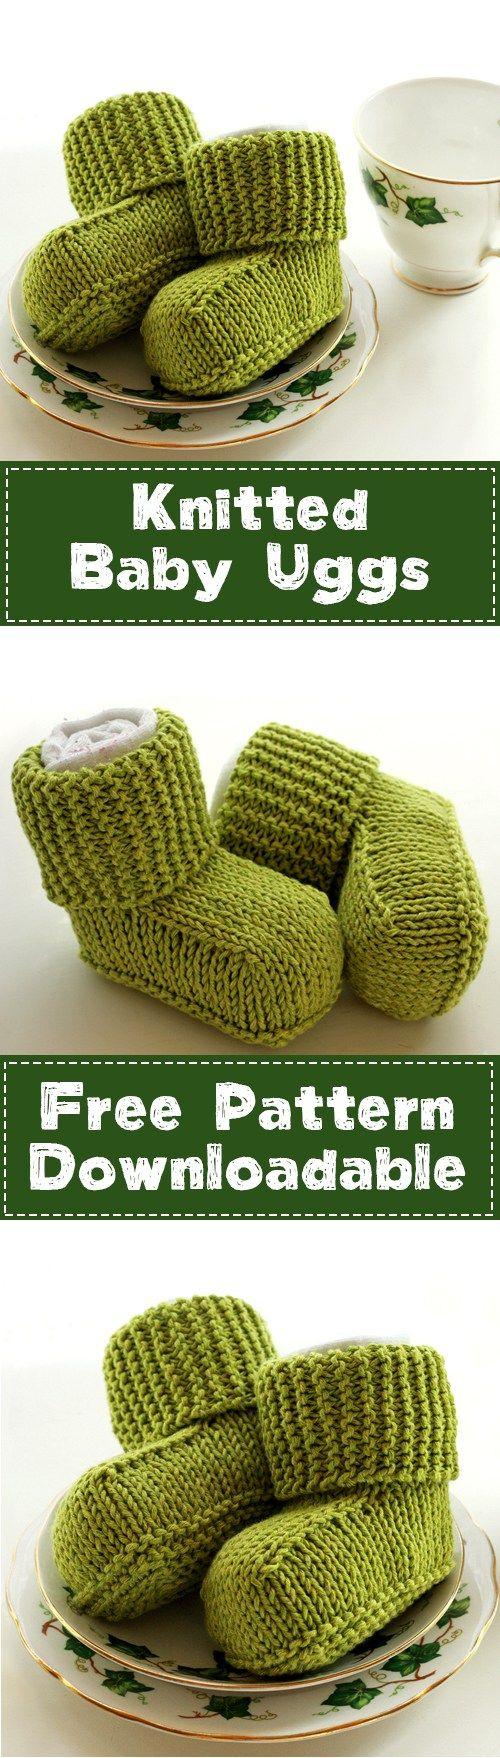 Modern Baby Knitting Patterns Free : Downloadable pdf free knitting pattern for baby uggs a